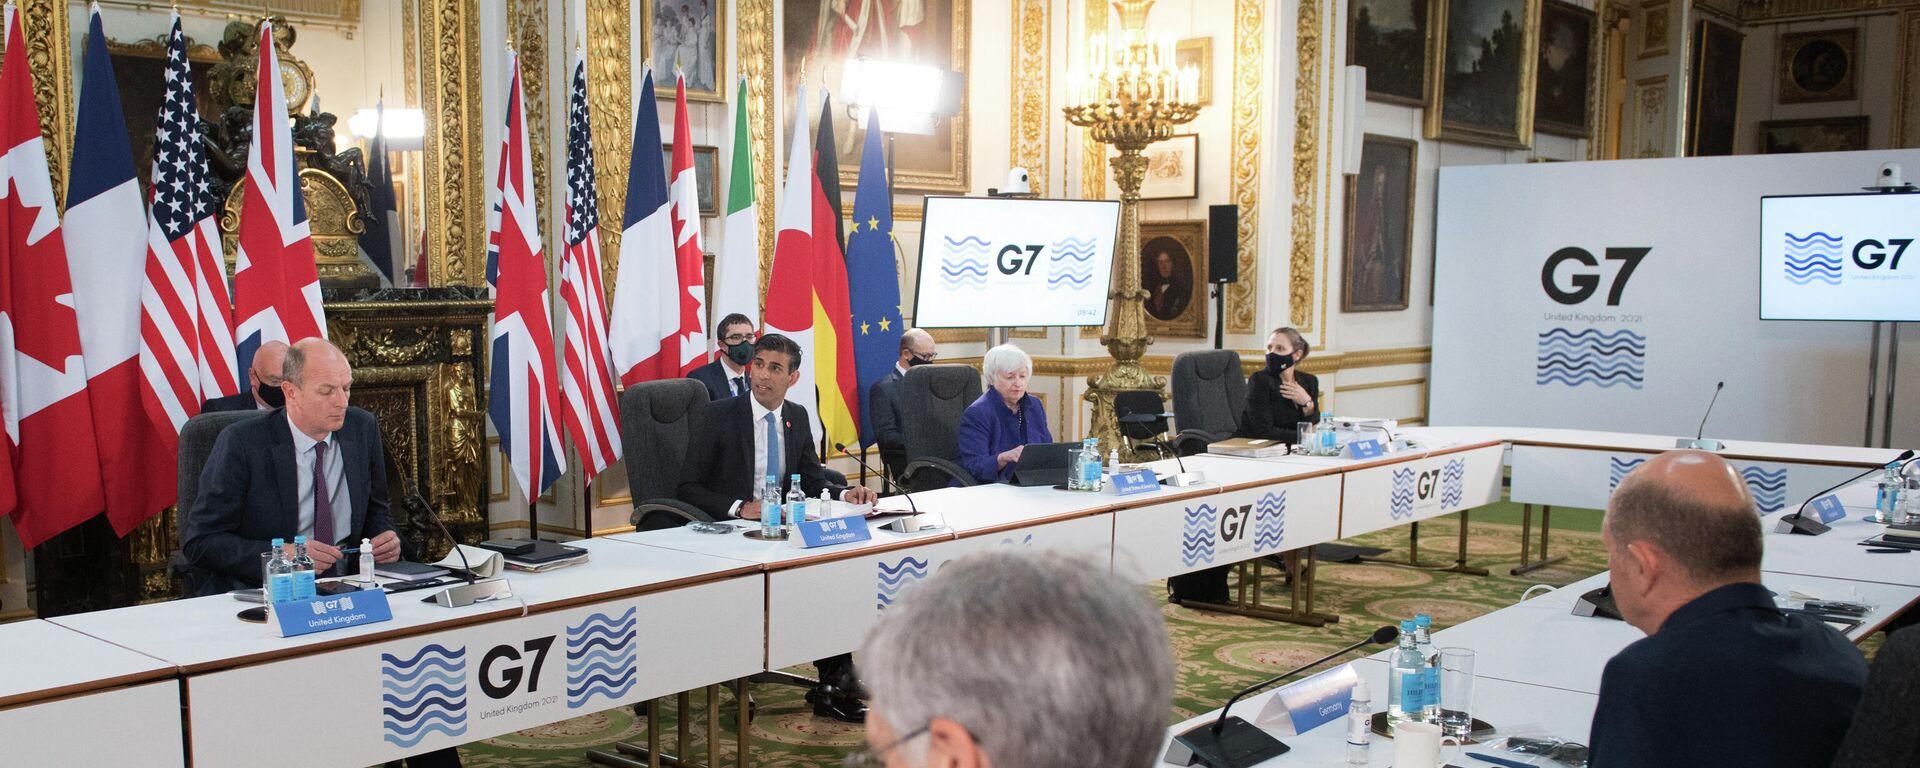 Treffen der G7-Finanzminister in London - SNA, 1920, 05.06.2021